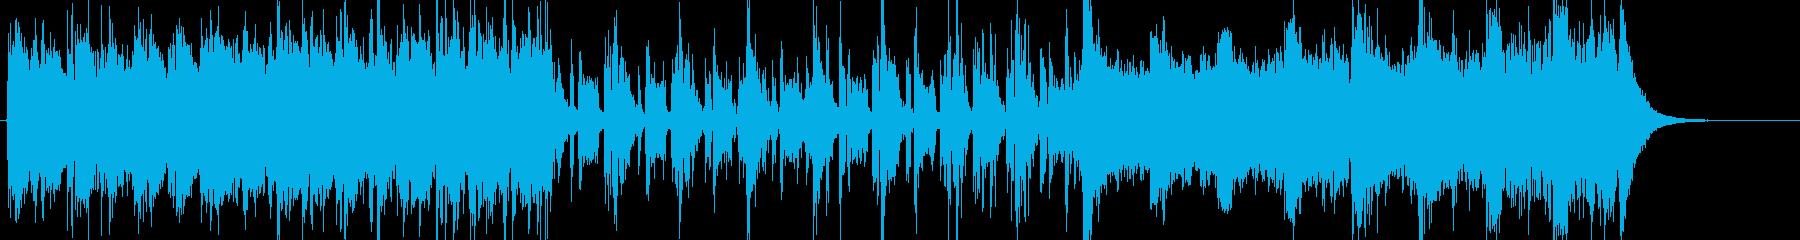 重厚感ある時代、歴史系サウンドトラックの再生済みの波形